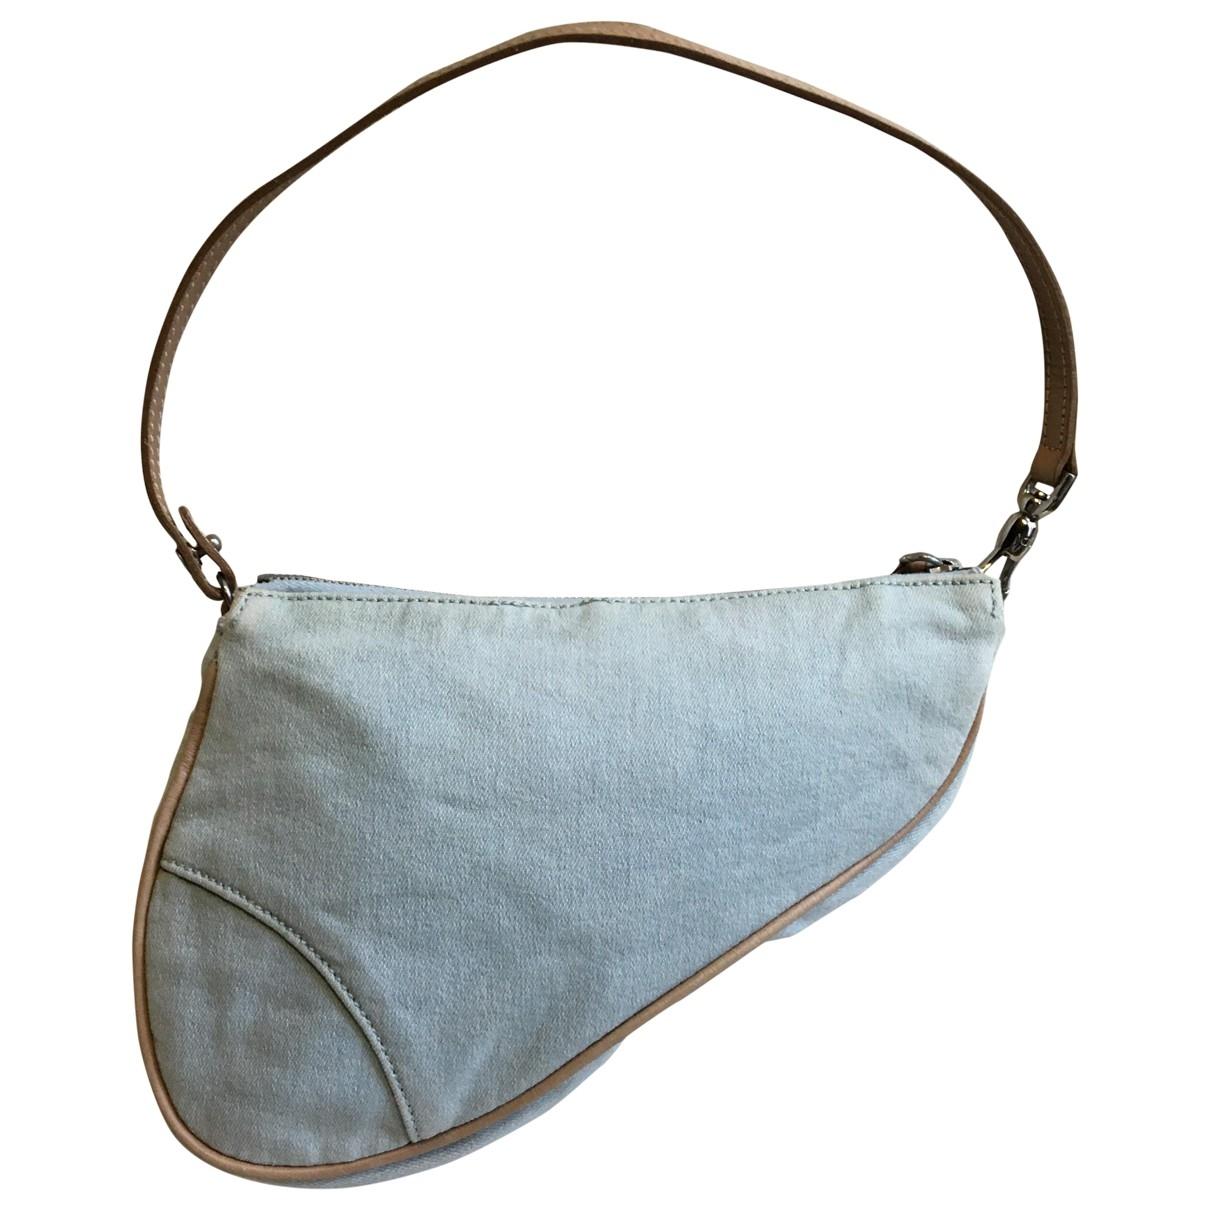 Dior Saddle Clutch in  Blau Denim - Jeans